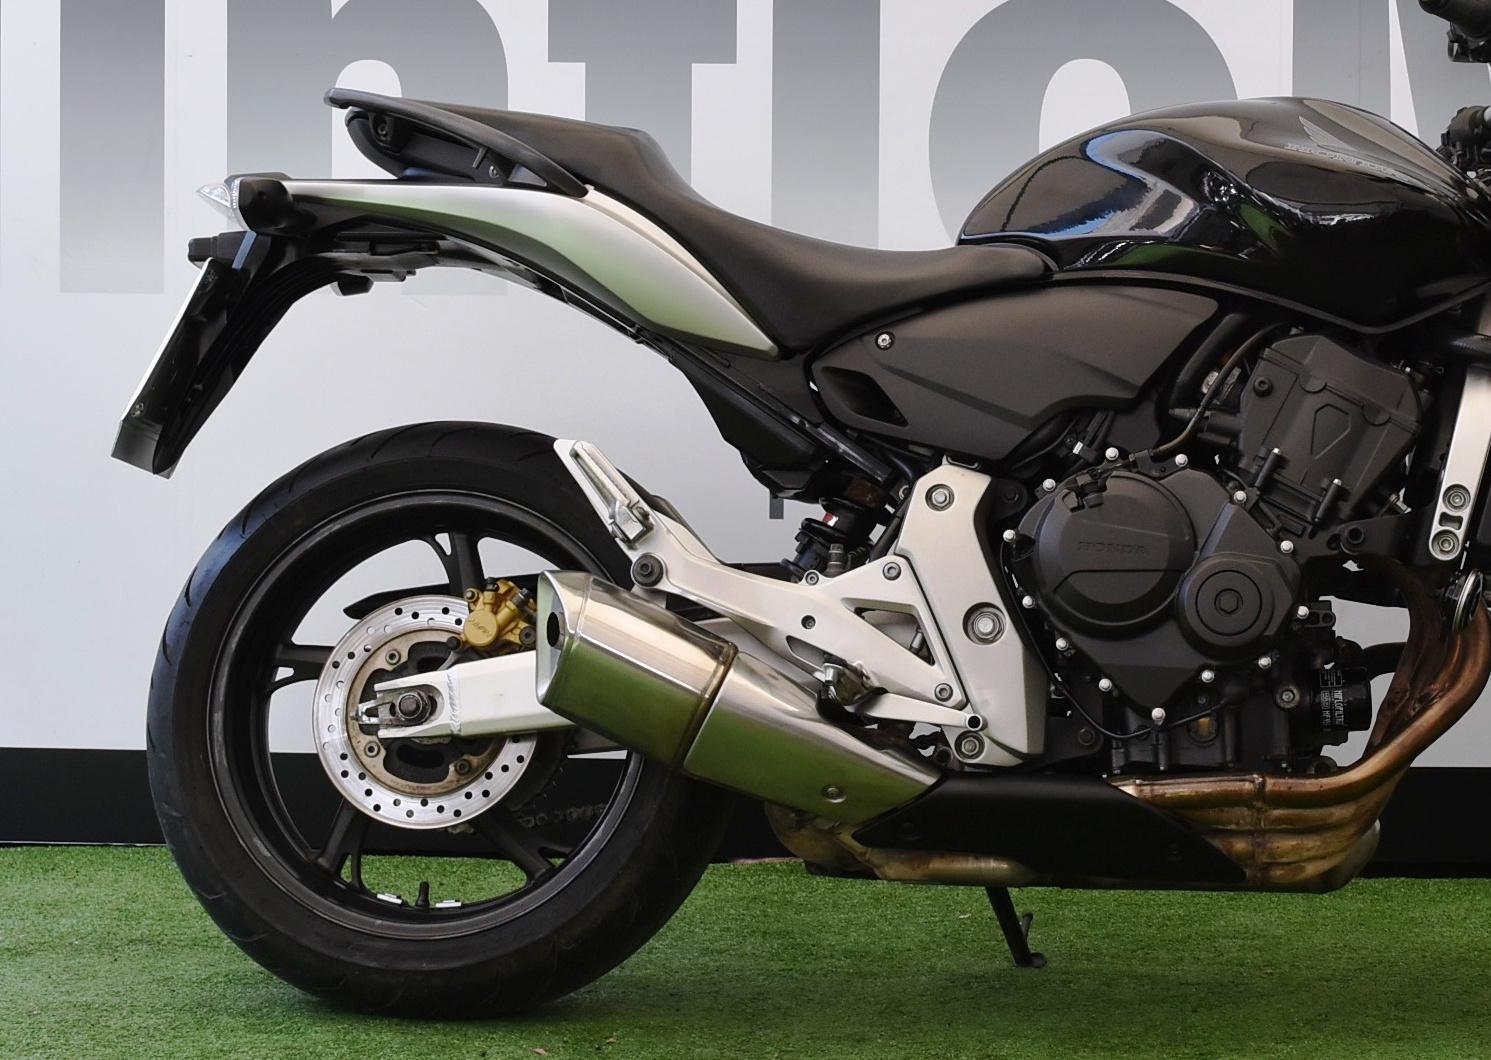 HONDA HORNET 600 – 2008